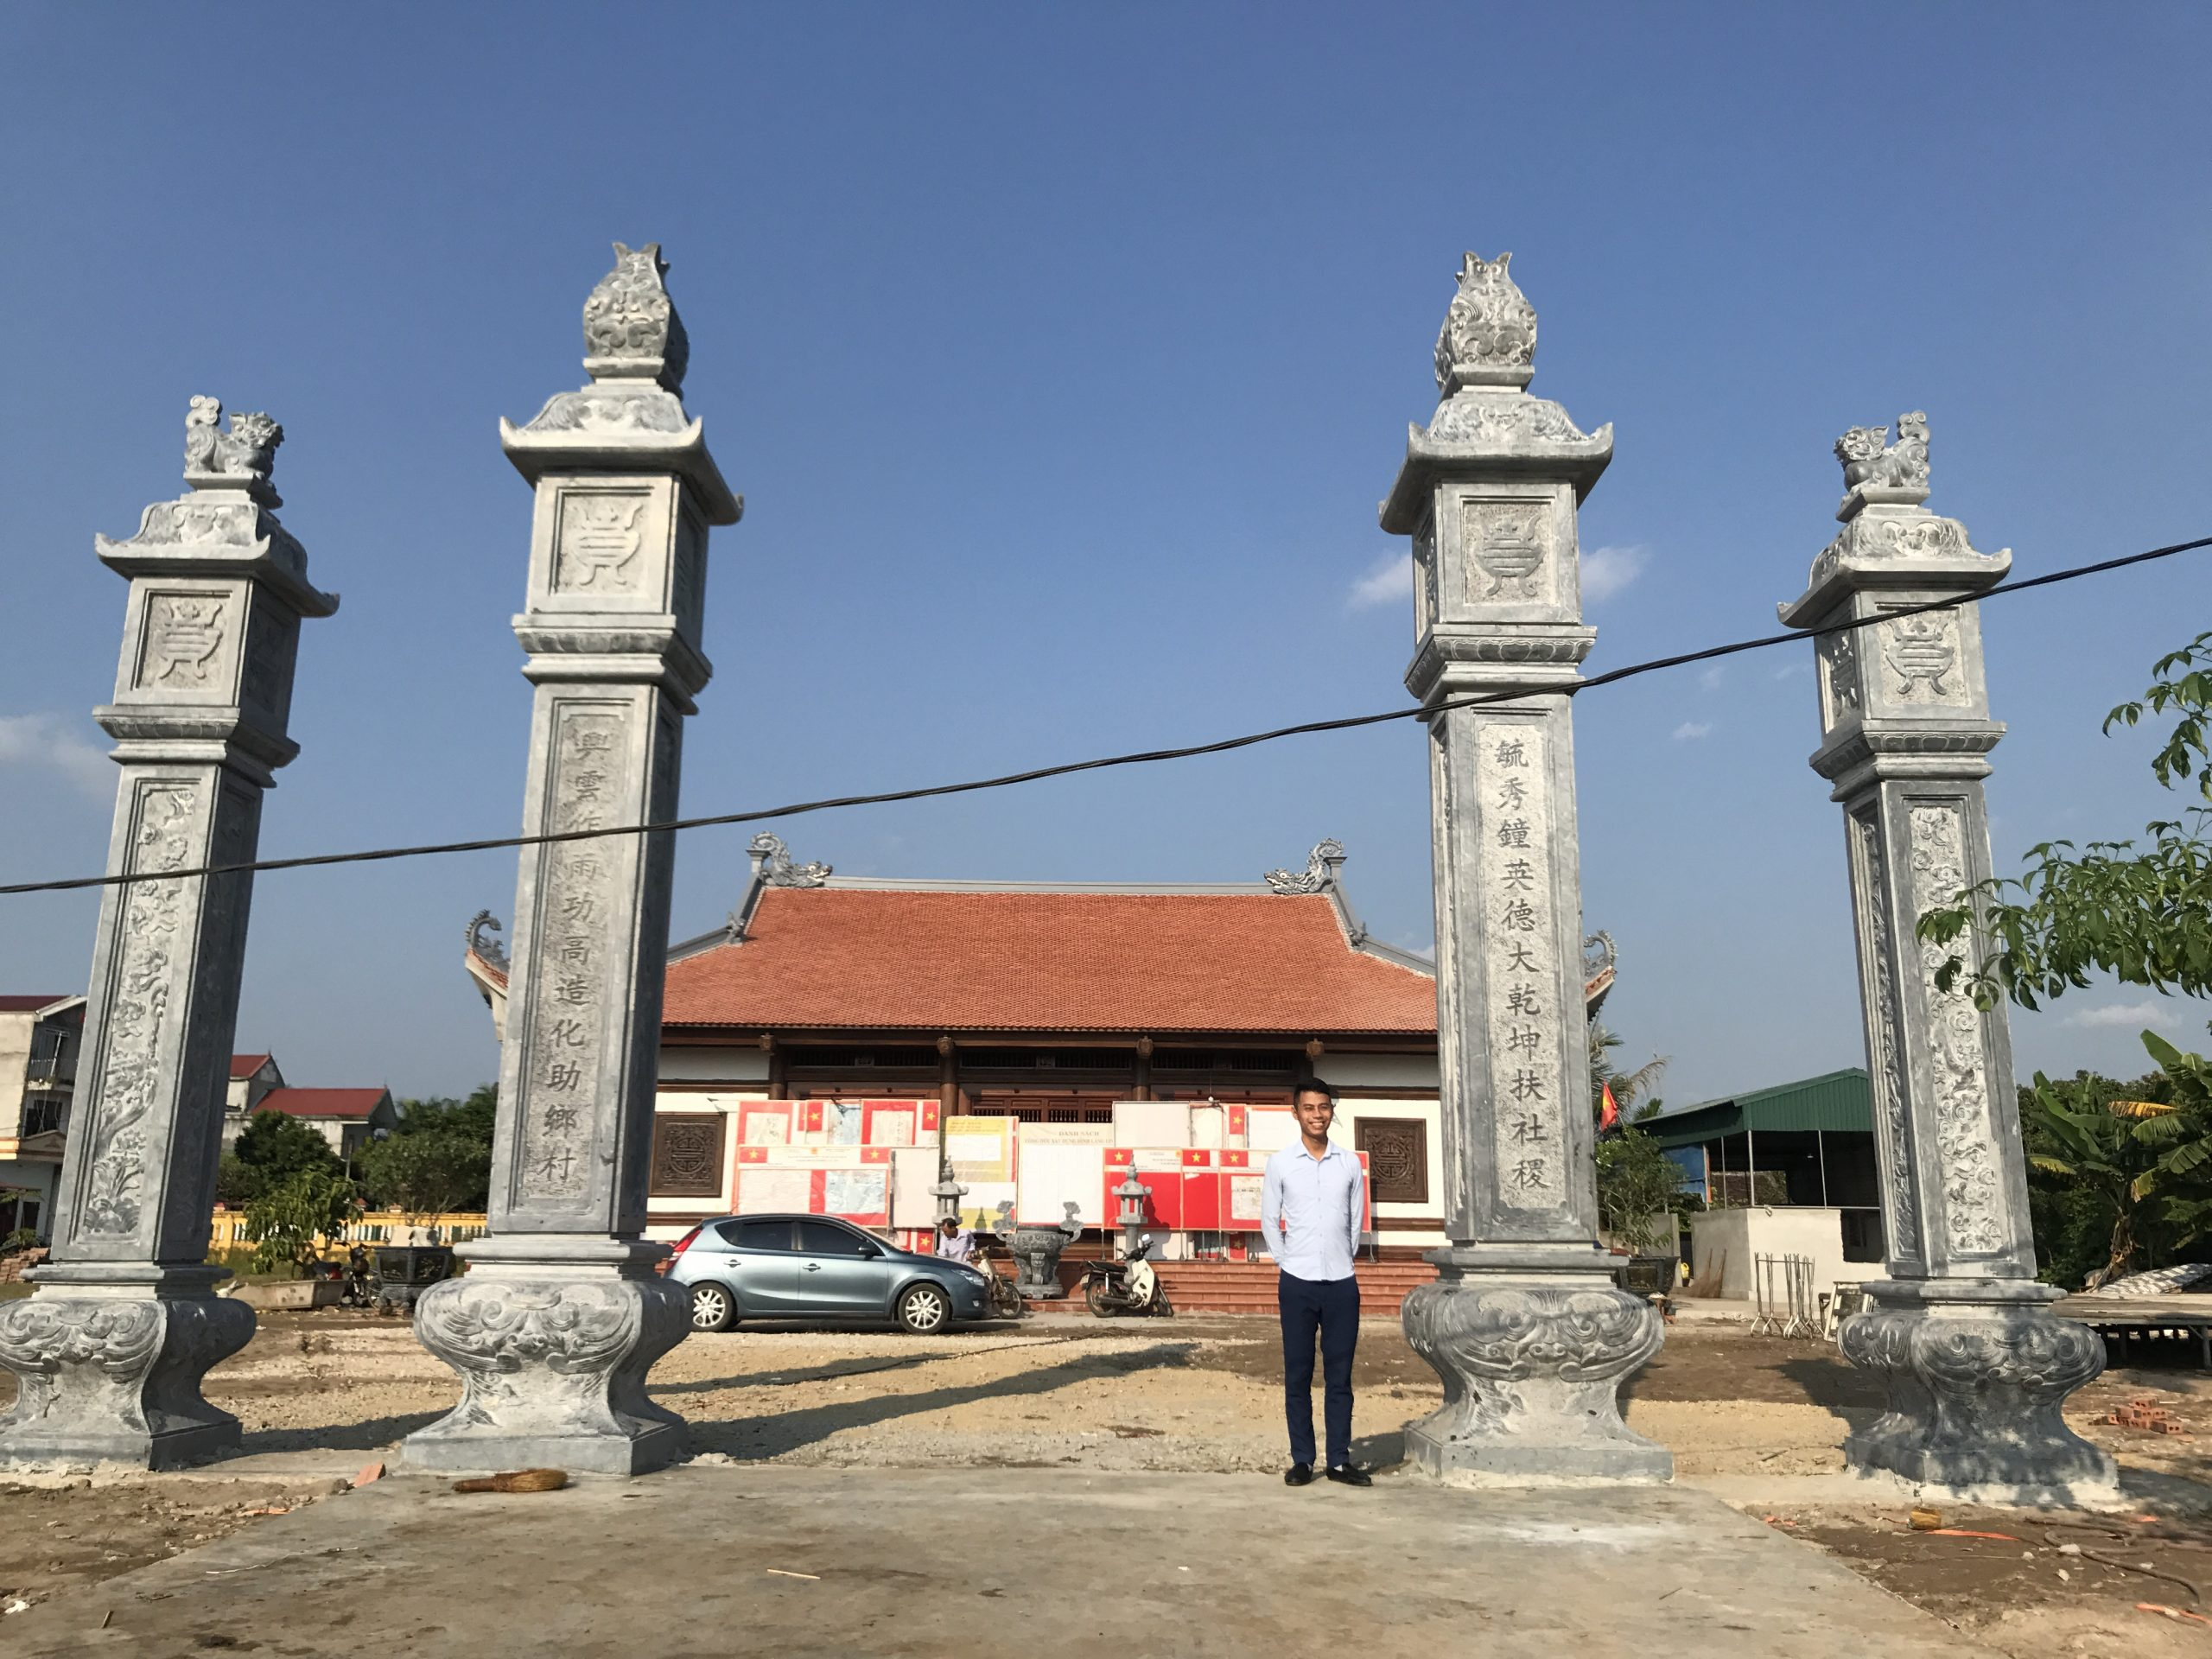 IMG 6909 scaled Lăng mộ đá, Mộ đá Ninh Bình